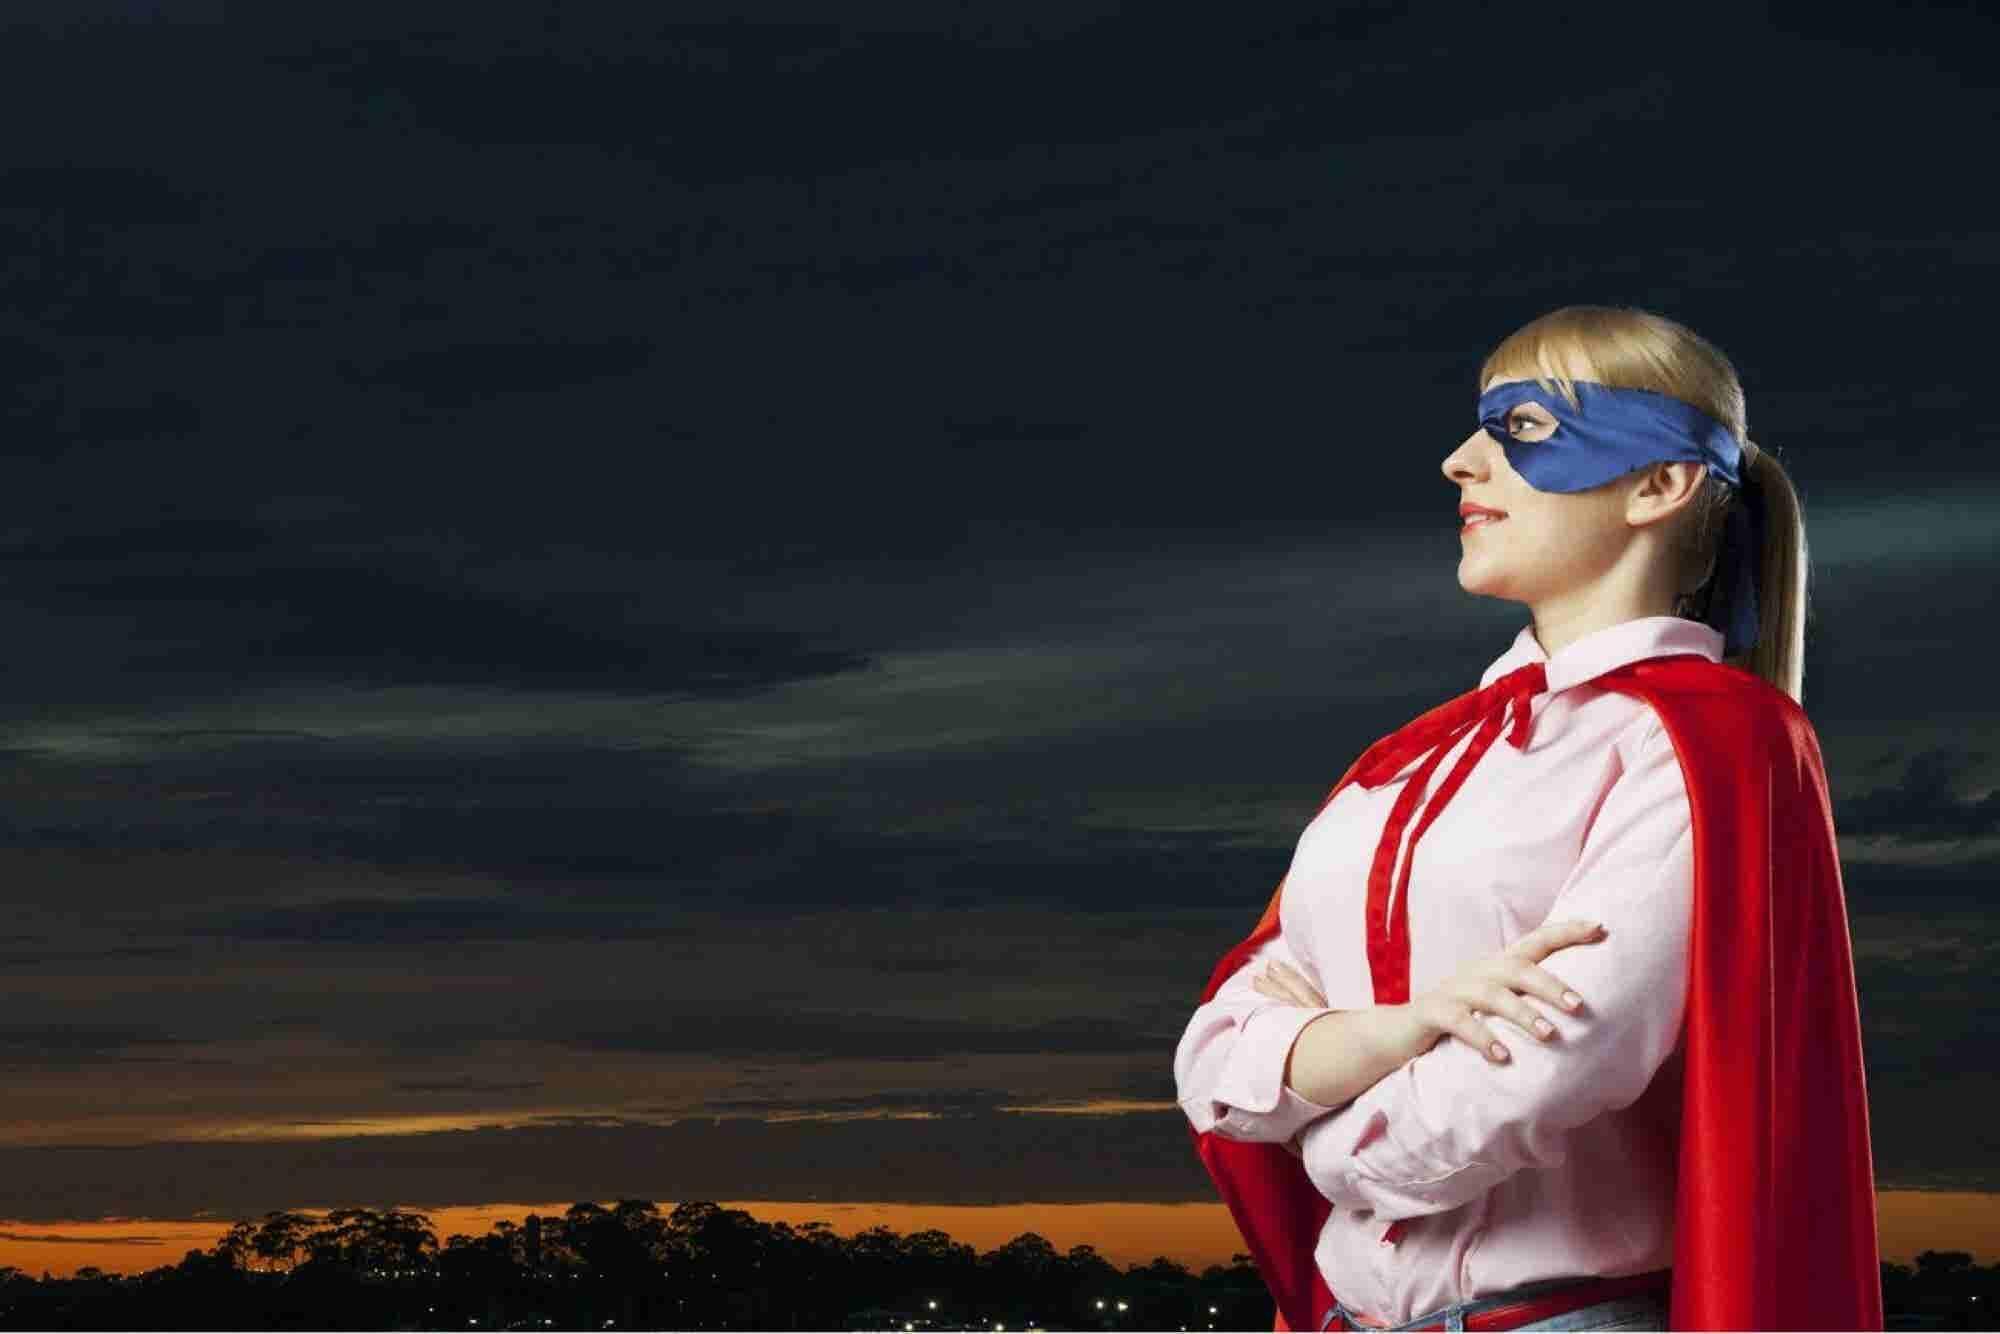 Consejos para que las mujeres sobresalgan en sus puestos de liderazgo